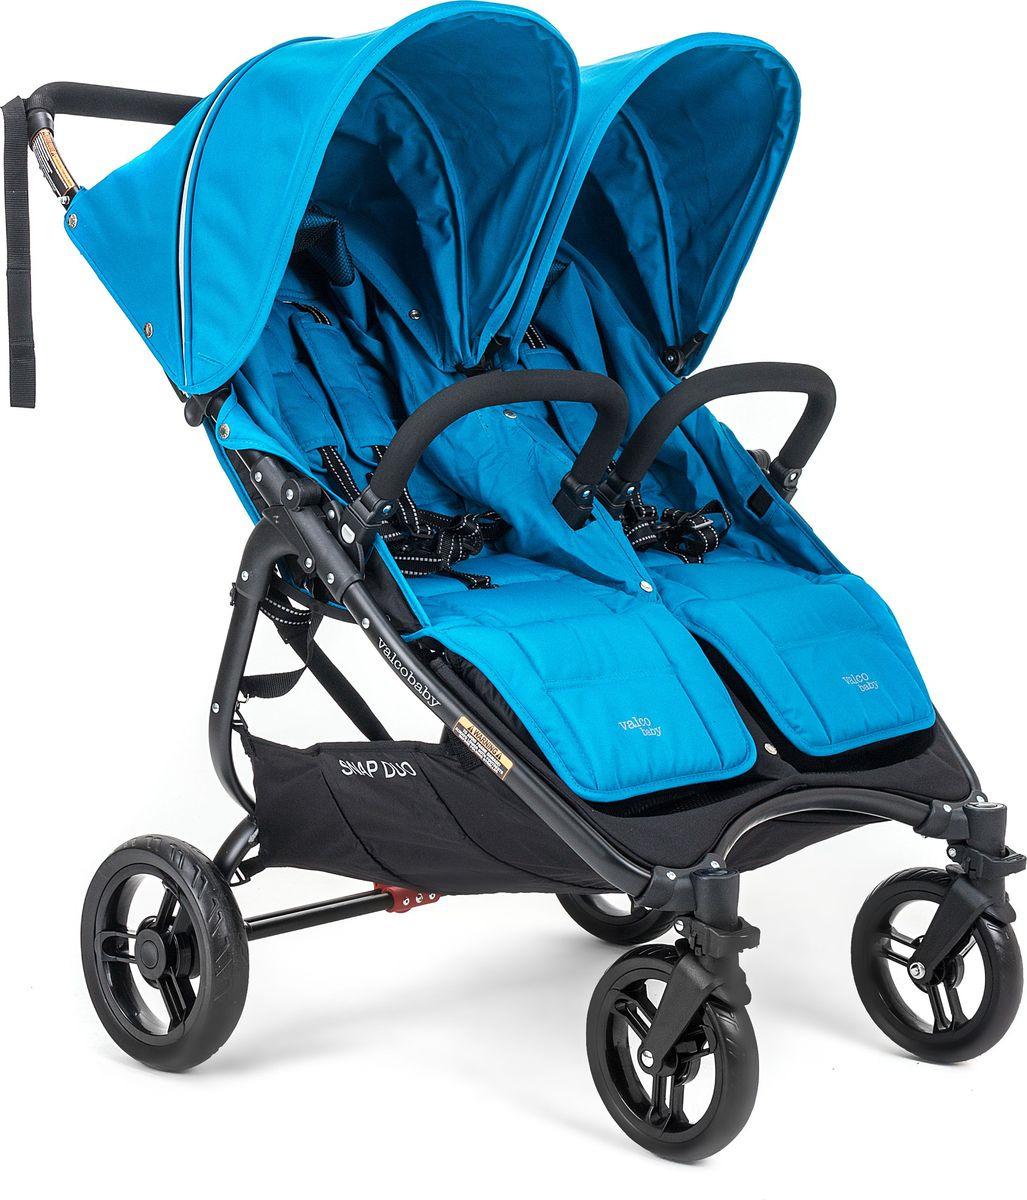 цены на Коляска для двойни Valco Baby Snap Duo Ocean Blue  в интернет-магазинах